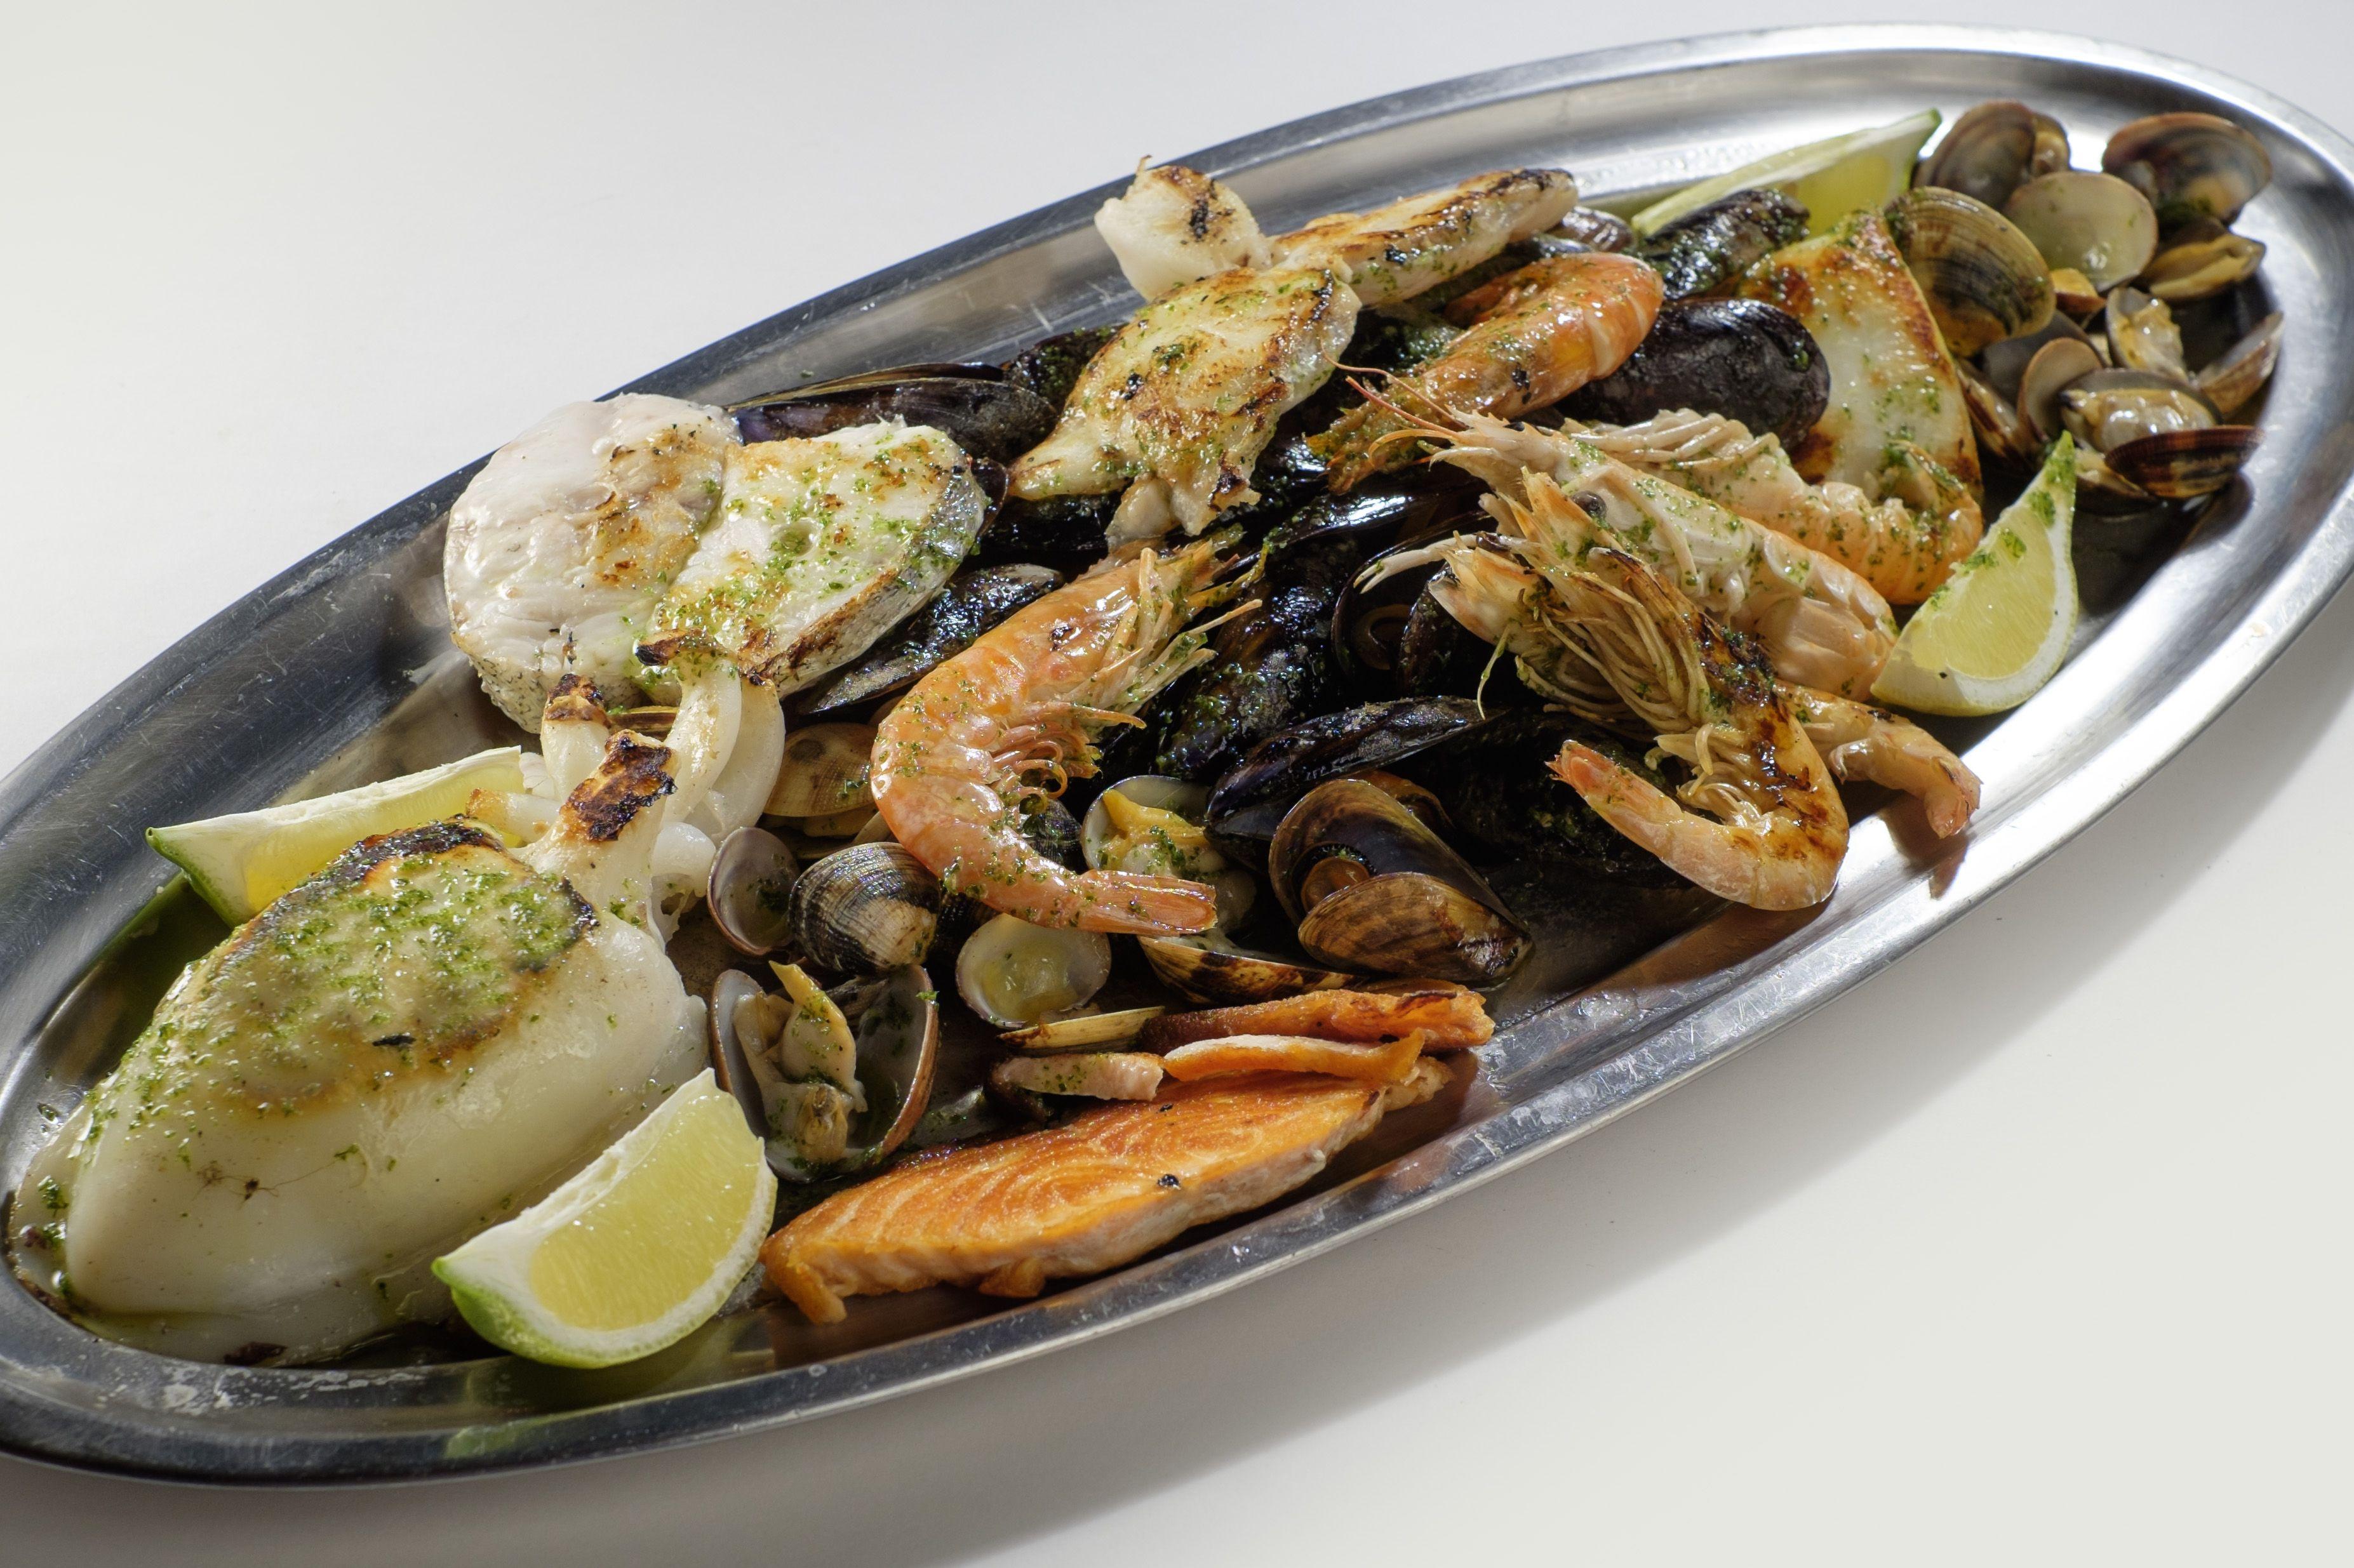 Parrillada de Pescado en Lorret de Mar - Restaurante Cantarradas